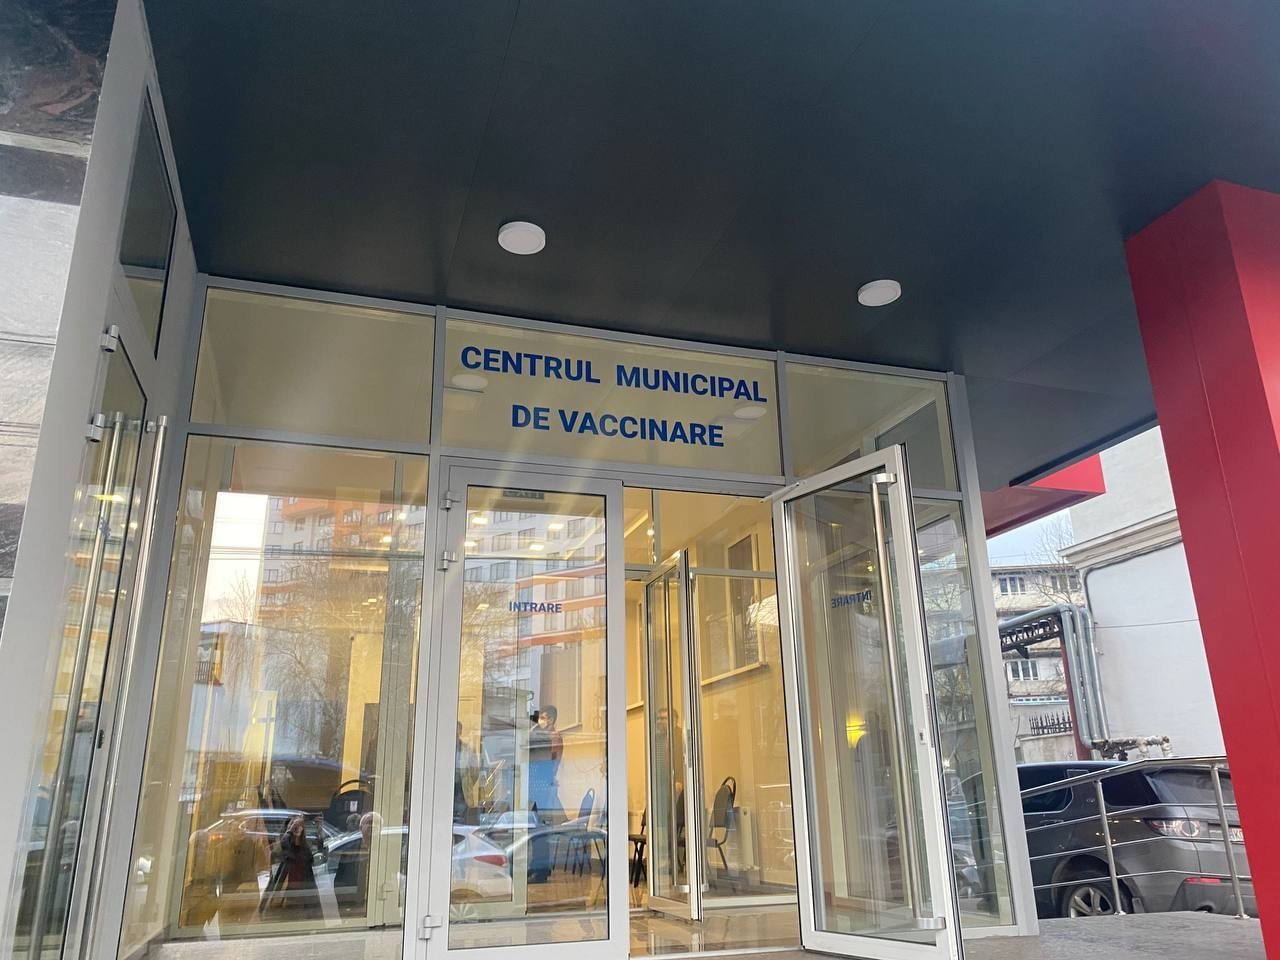 В Кишинёве открылся первый муниципальный Центр вакцинации от COVID-19. В день он сможет принимать до 1000 человек